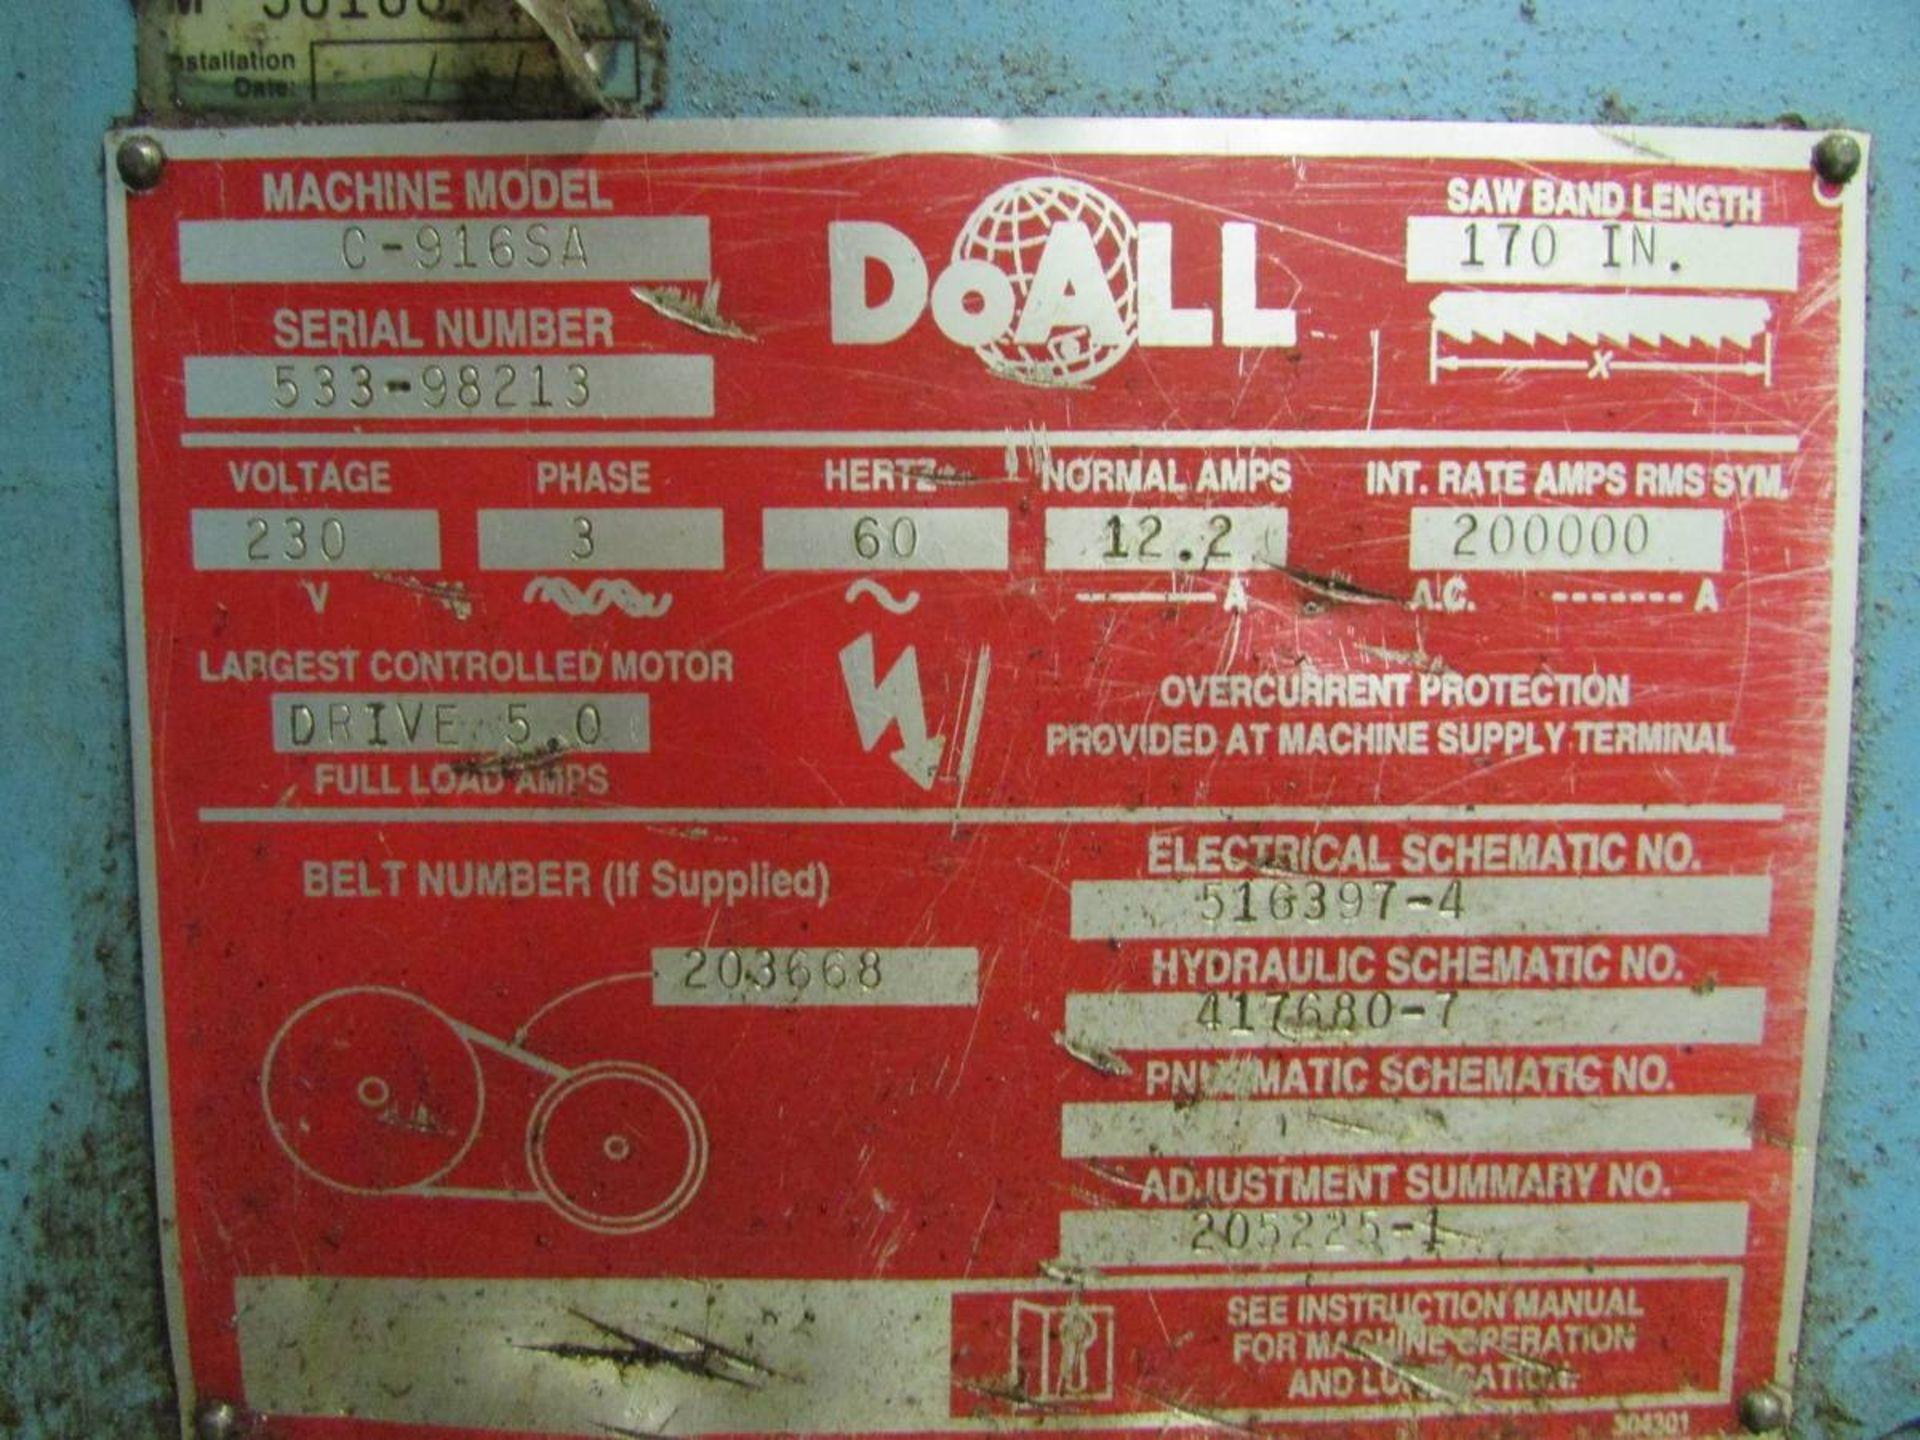 DoAll C-916SA Automatic Horizontal Bandsaw - Image 14 of 14